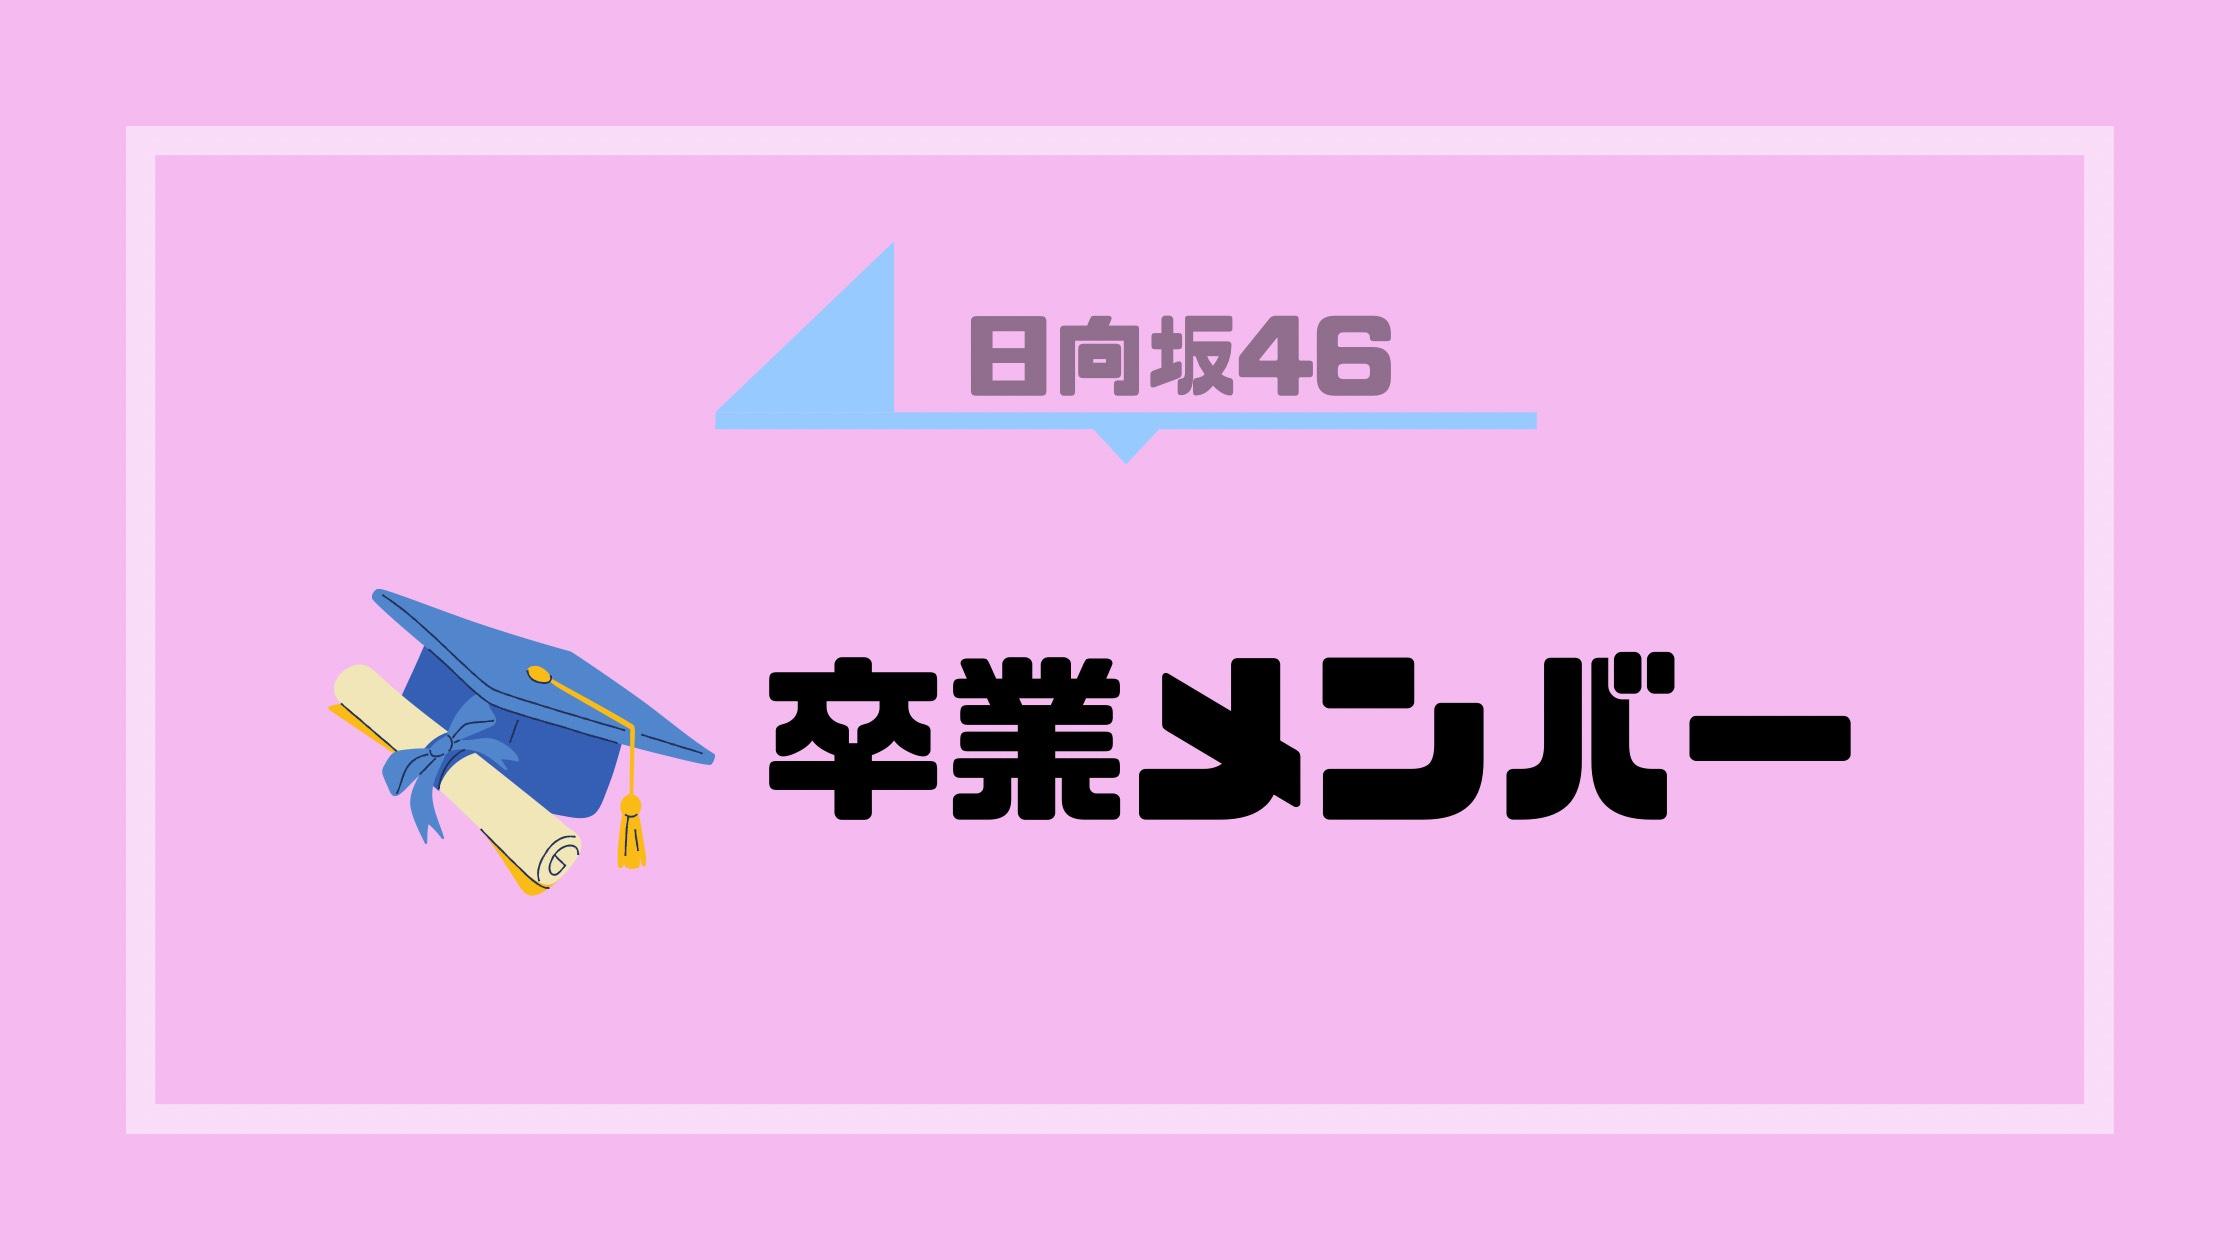 日向坂46を卒業した一期生メンバー【随時更新】